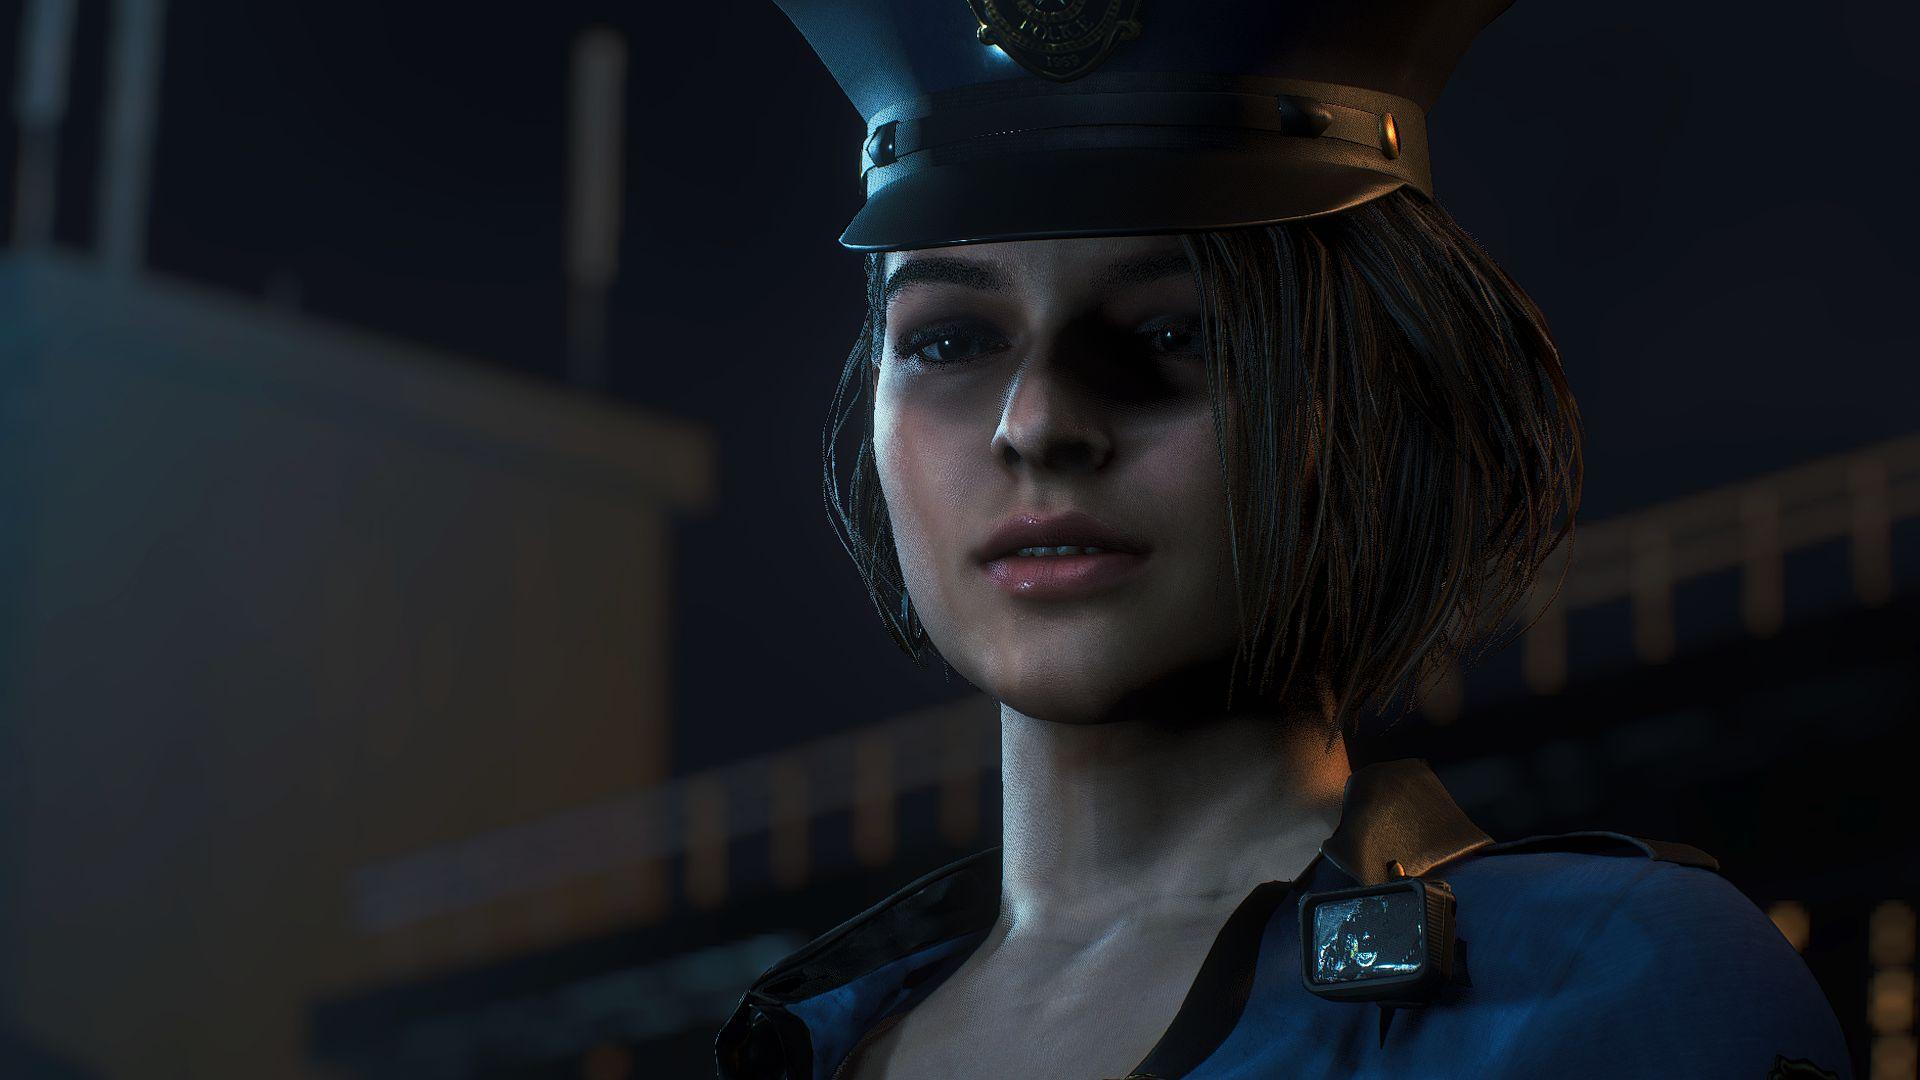 000994.Jpg - Resident Evil 3: Nemesis